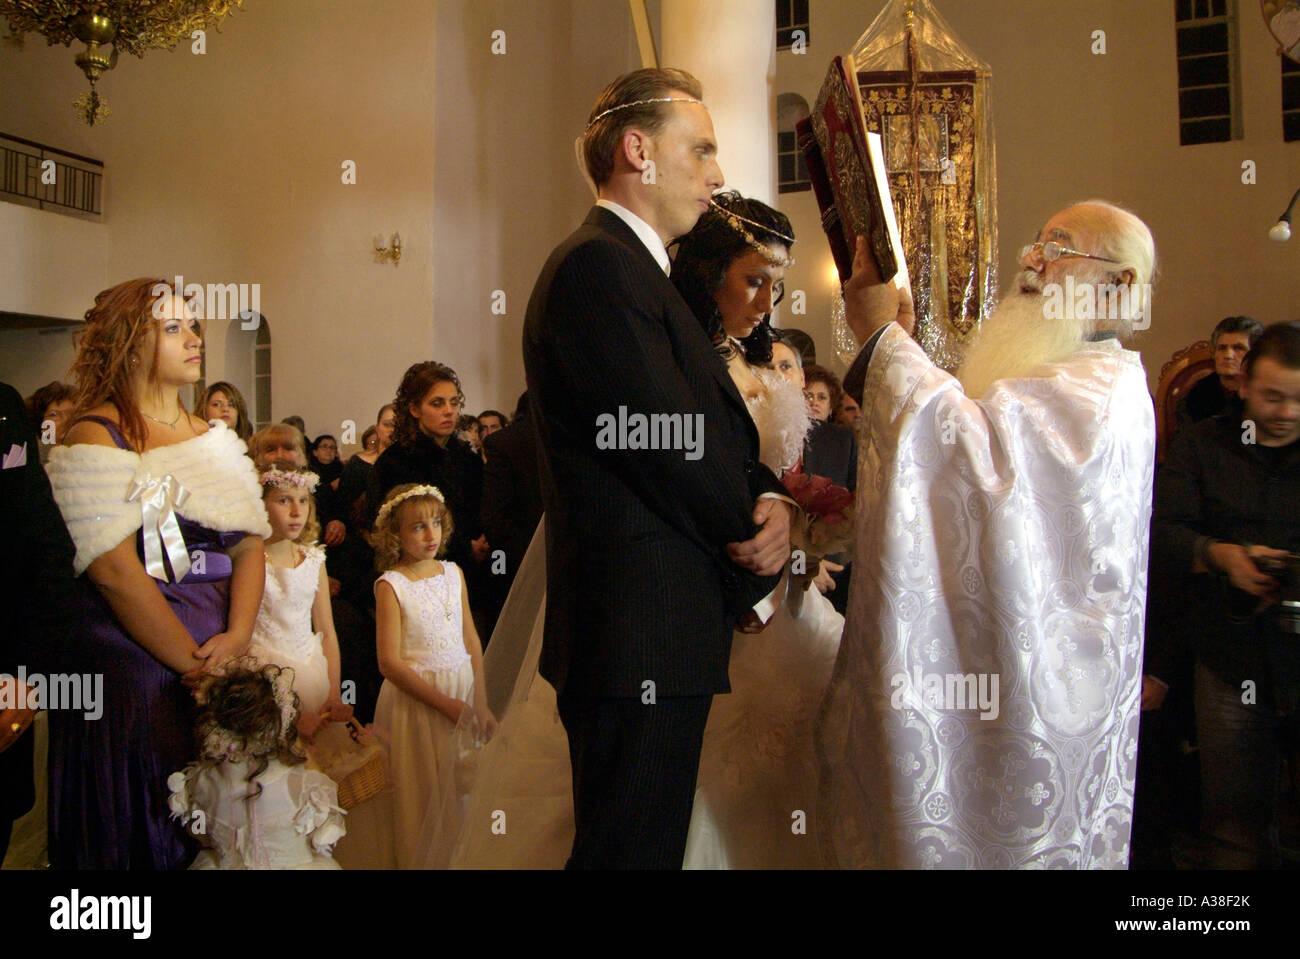 Greek Orthodox Wedding Ceremony Stock Photo: 10705098 - Alamy